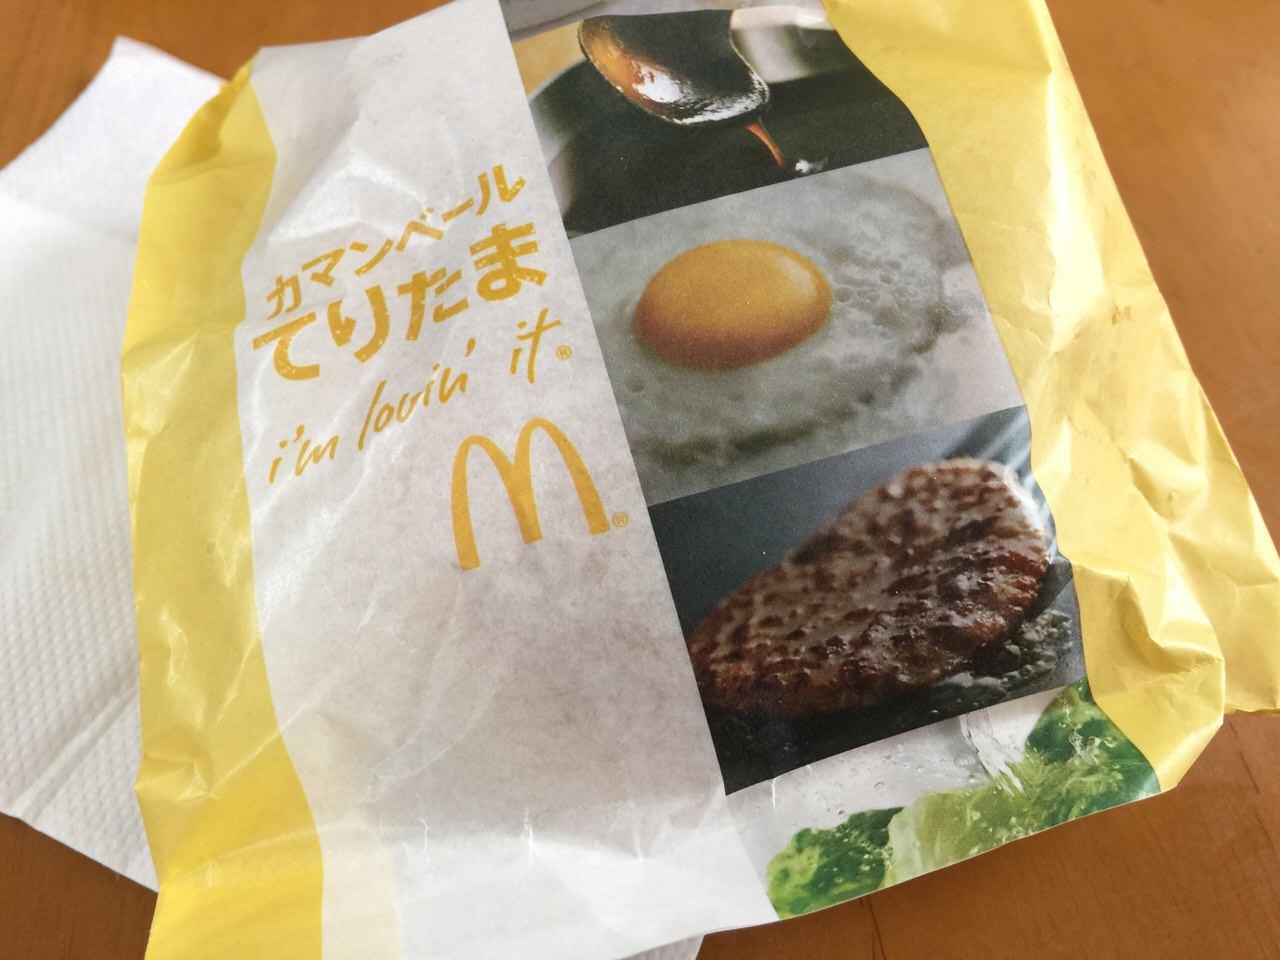 「カマンベールてりたま」食べた → やはりマックで美味いのはてりやきですなぁ